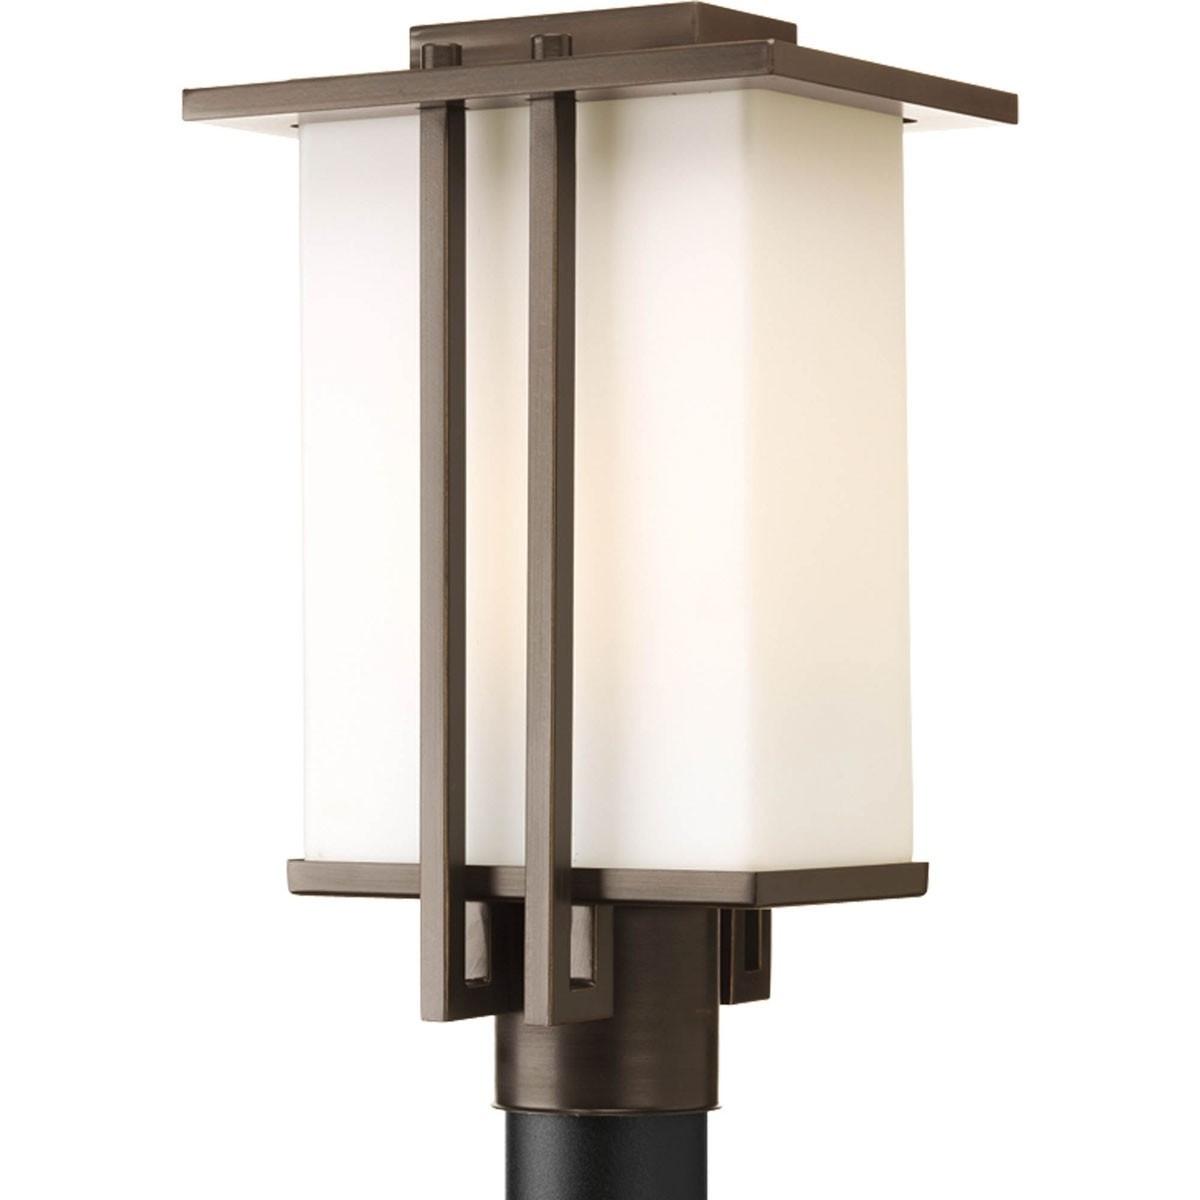 Trendy Outdoor Pole Lighting Fixtures Outdoor Pole Lighting Fixtures Intended For Outdoor Pole Lanterns (View 10 of 20)